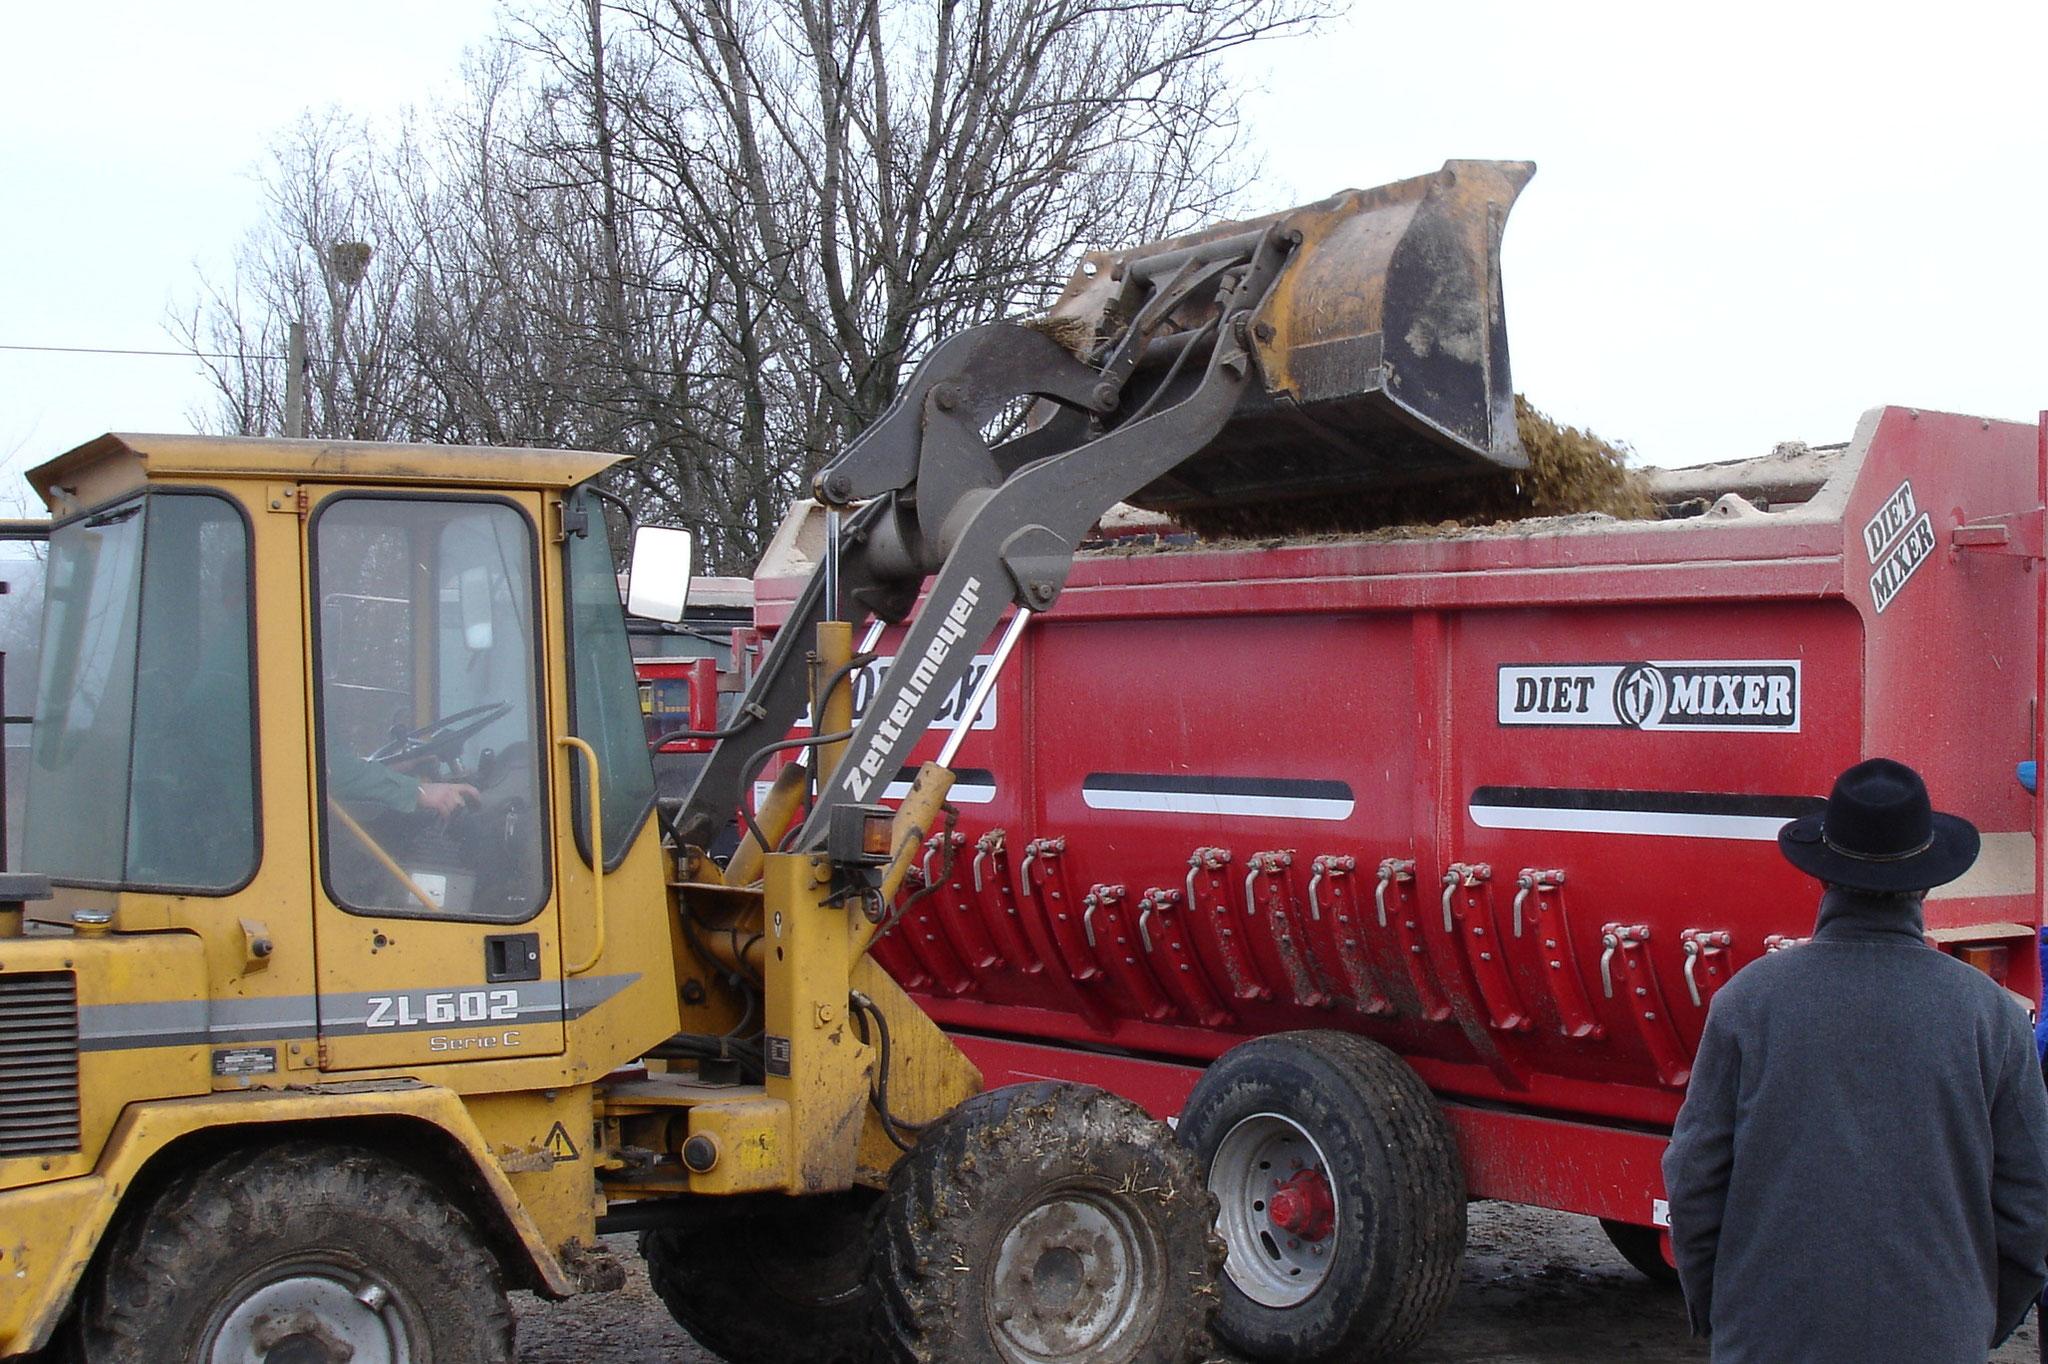 Für eine homogenere Verteilung im Mischwagen sollte KE-agrar mit Wasser verdünnt werden.  1:3 bis 1:10, abhängig von der Technik.